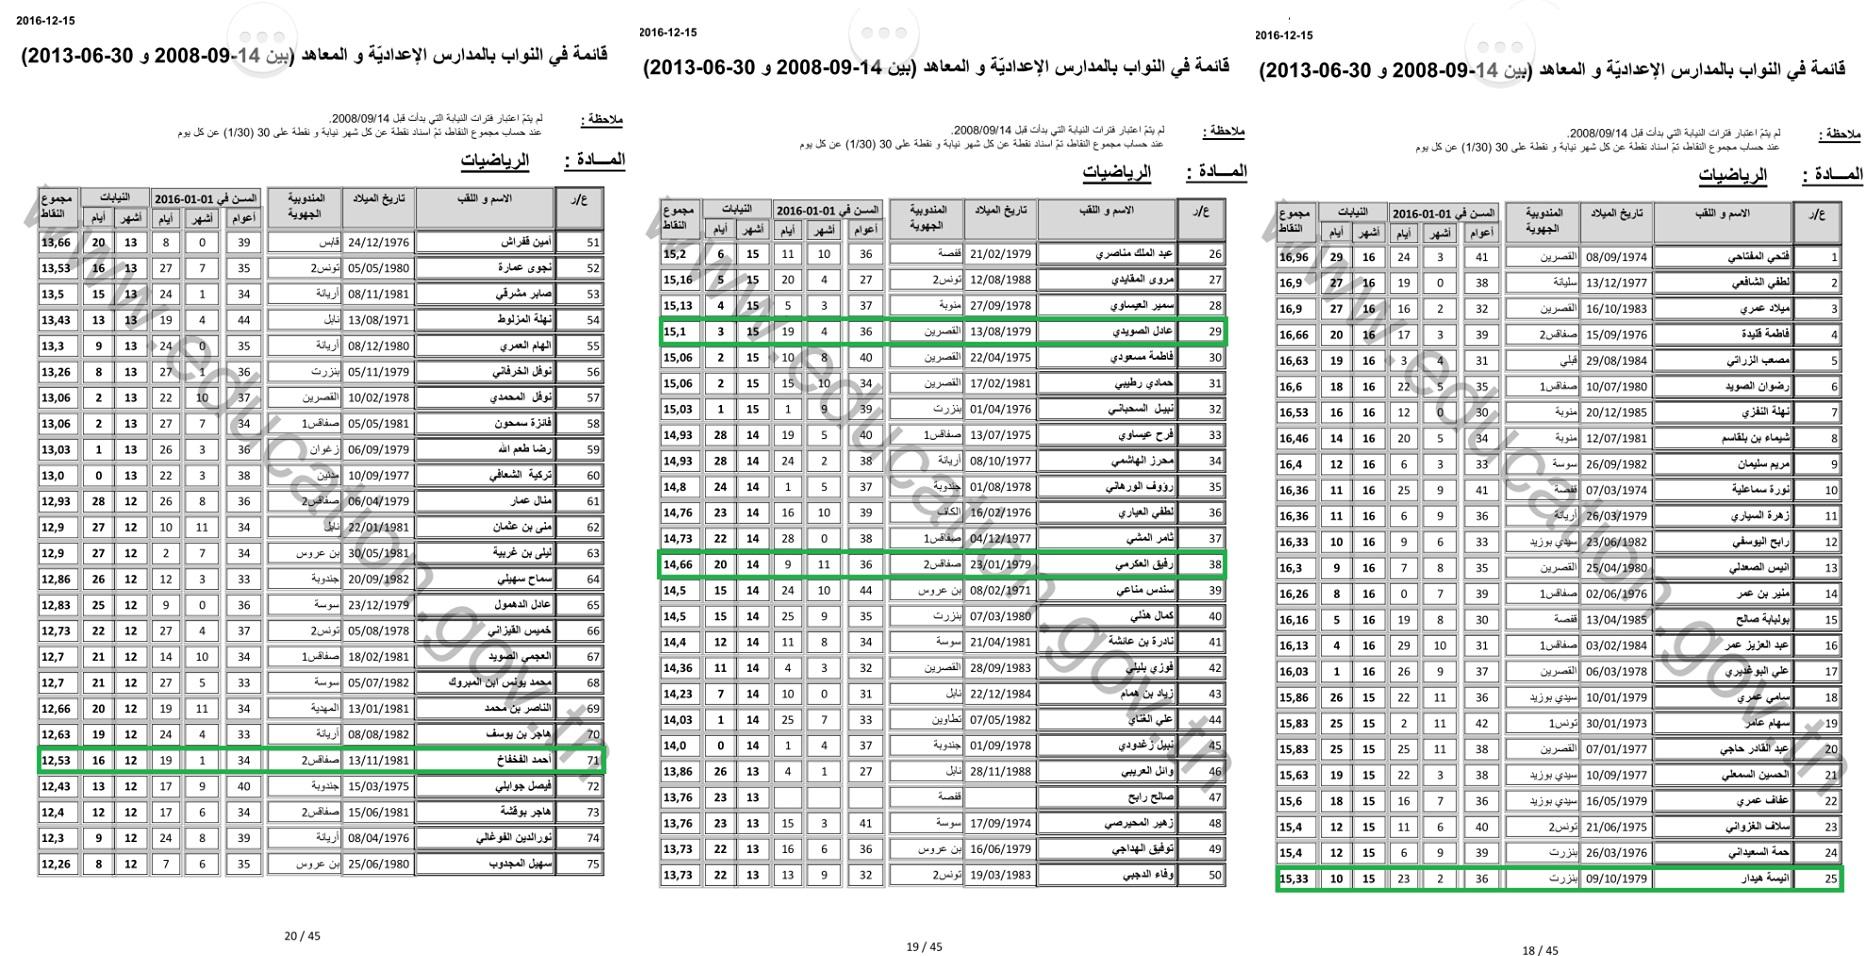 وزارة التربية - قائمة الأساتذة والمعلمين النواب - 15 ديسمبر 2016